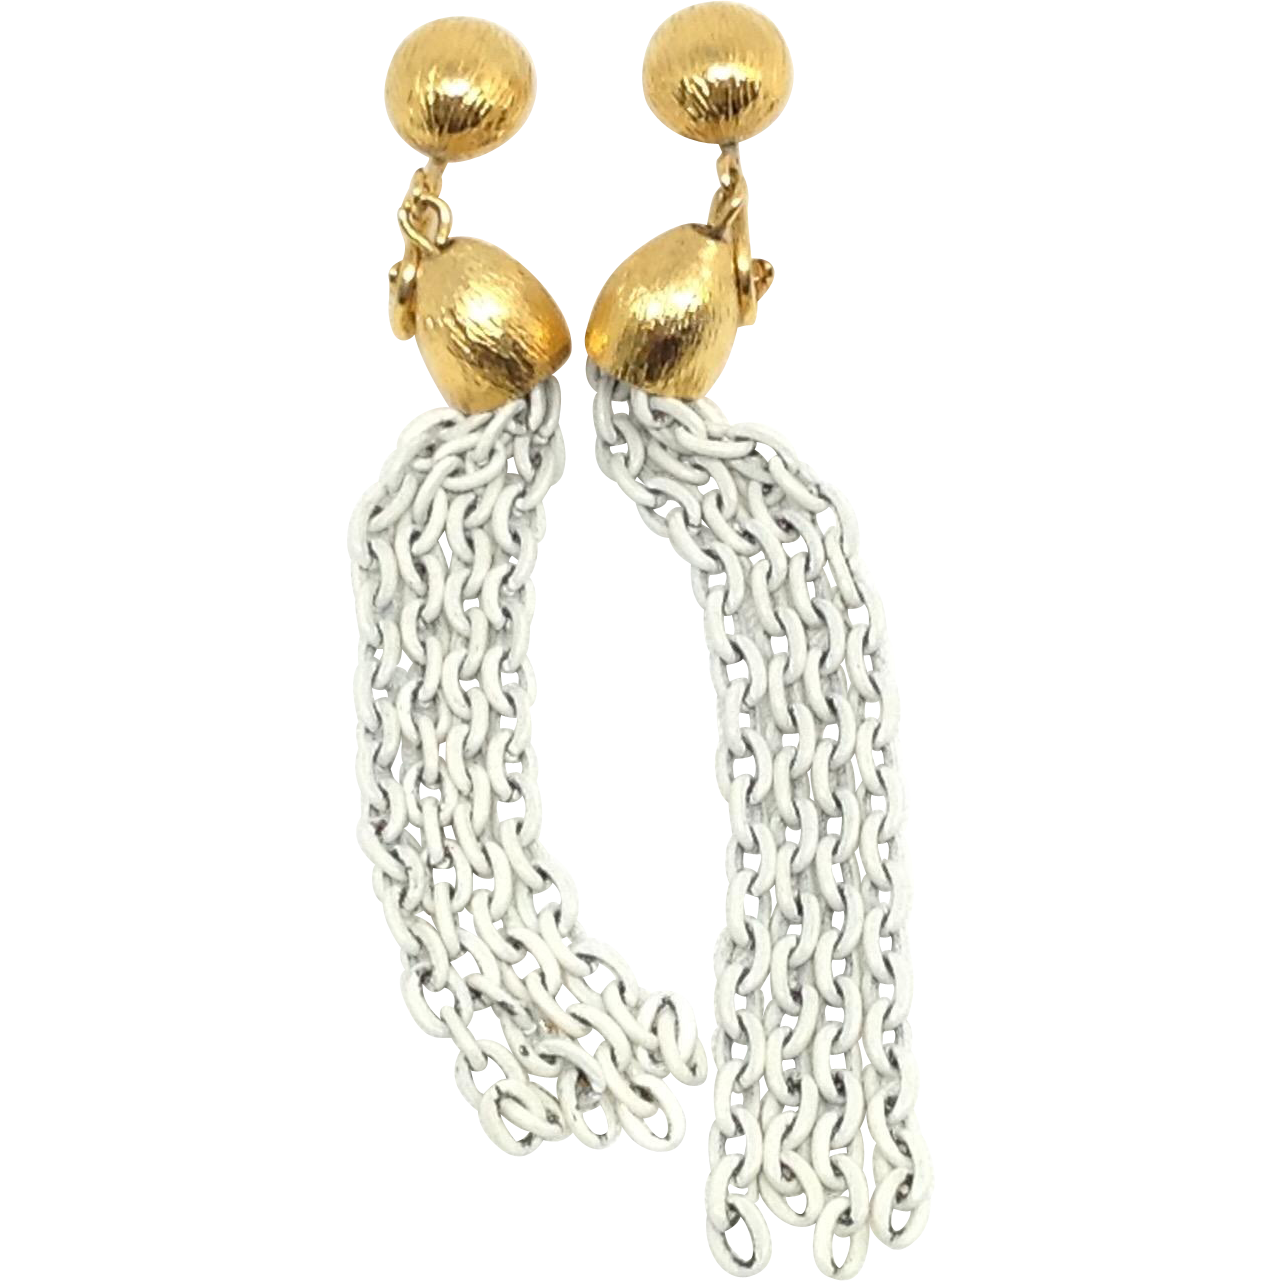 Retro Mod White Enamel Chain Earrings Dangle Clips